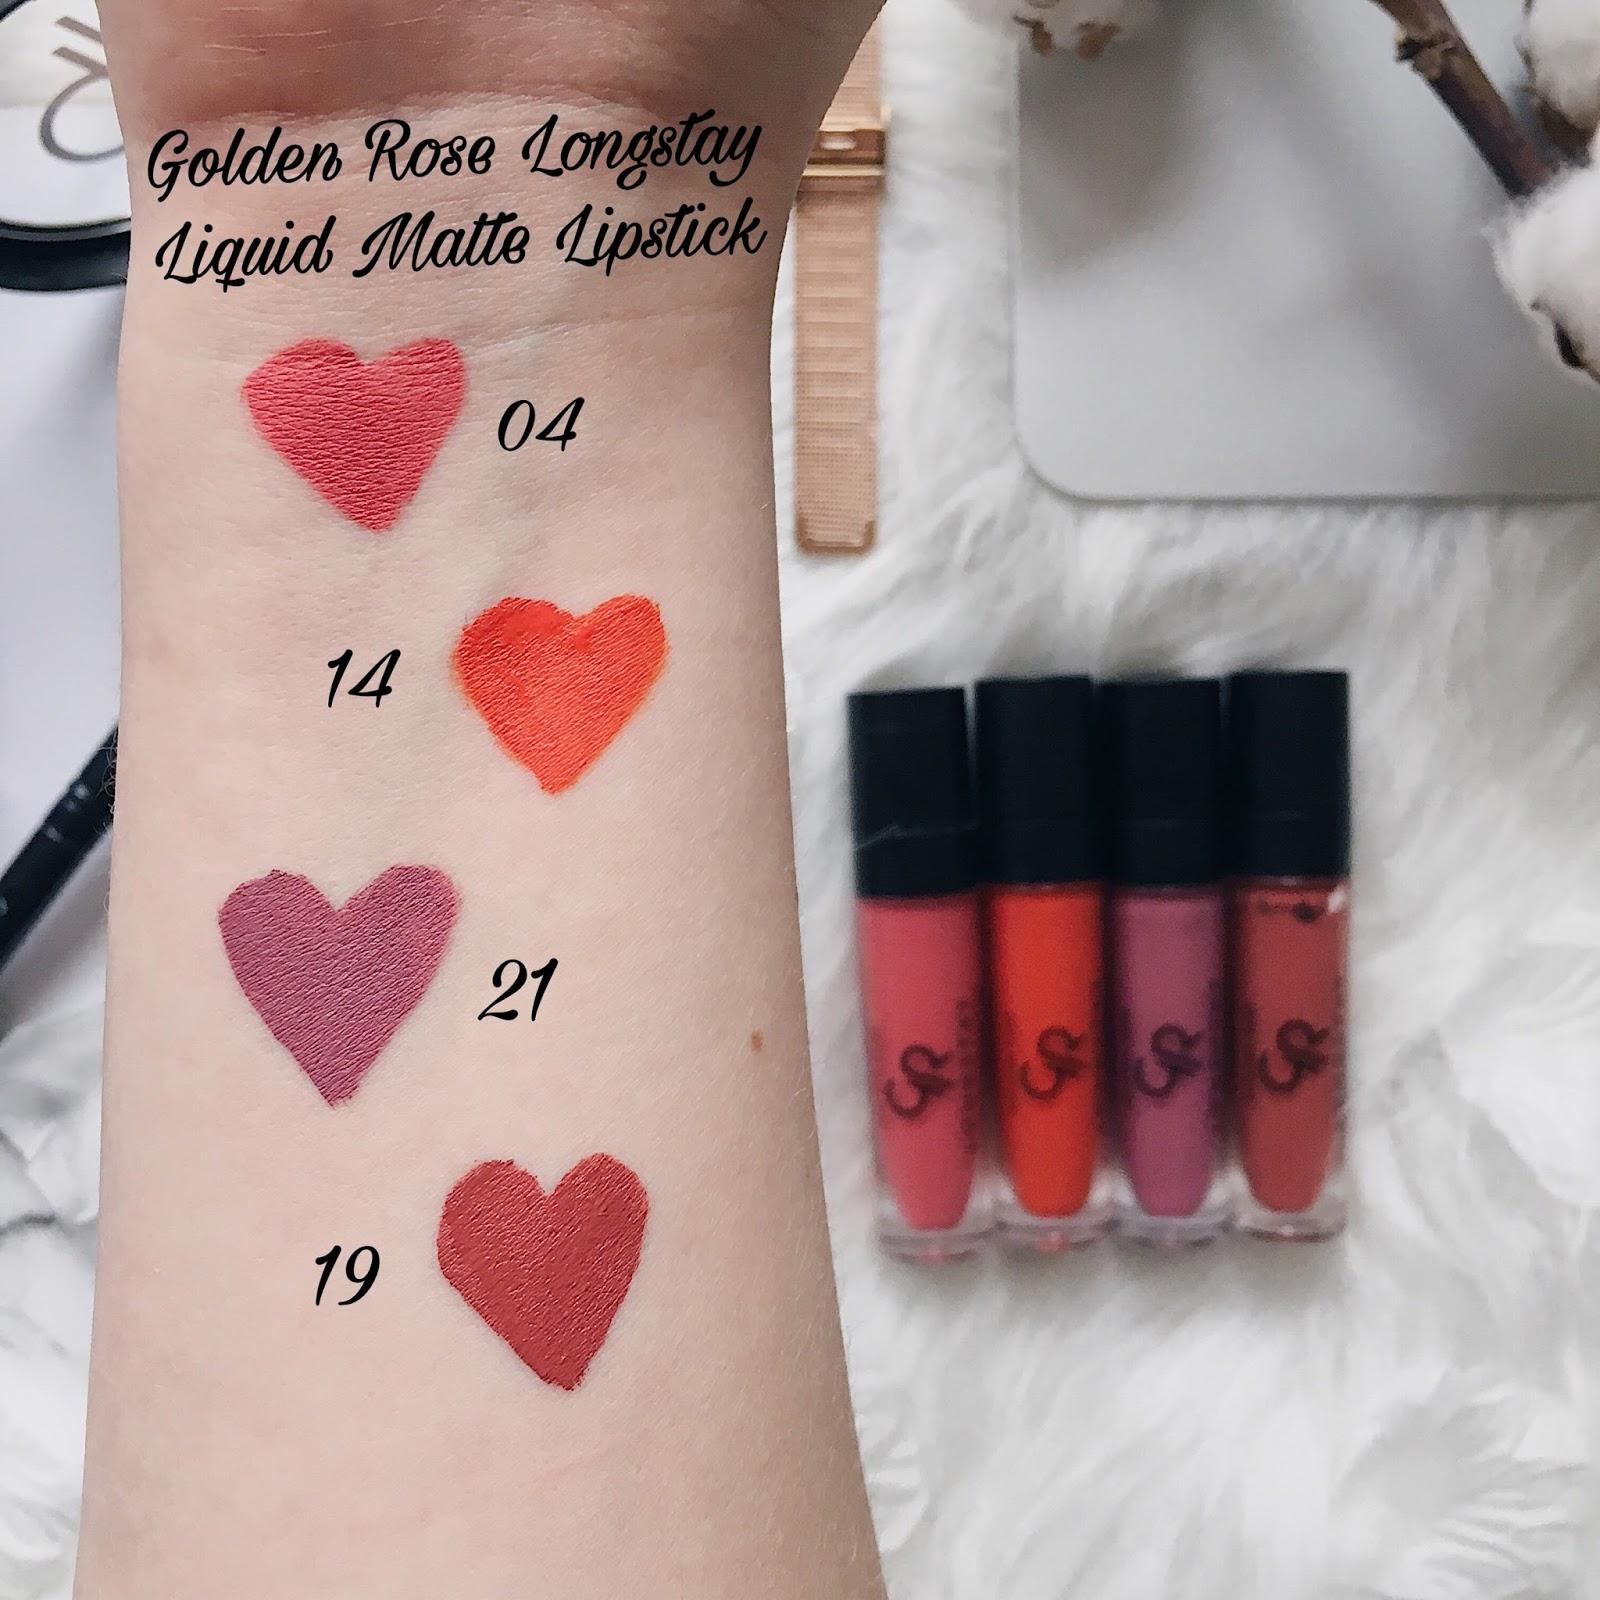 Golden Rose Liquid Matte Lipstick swatch